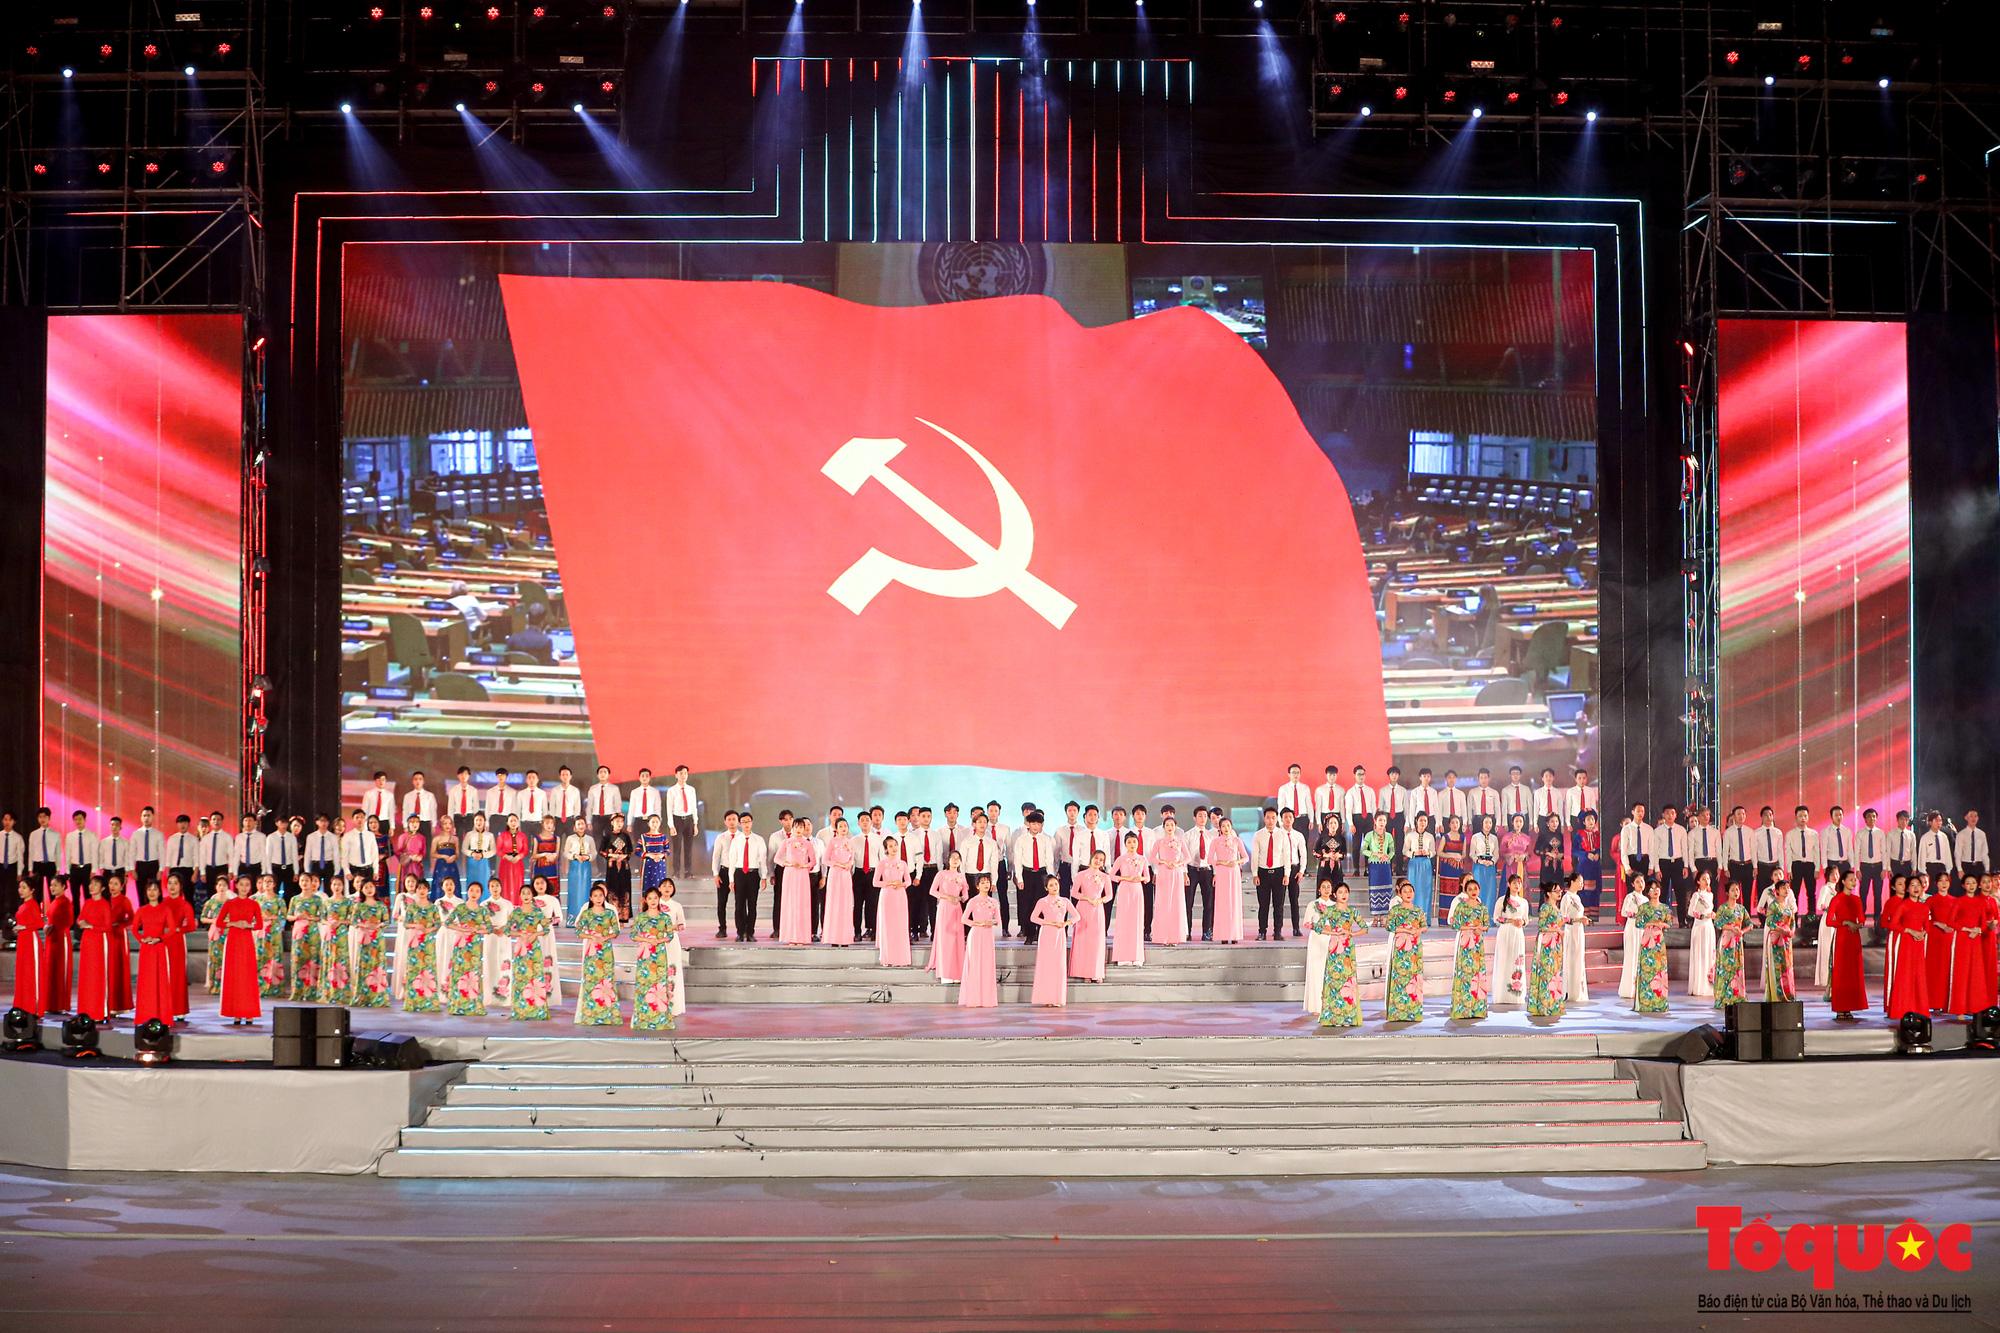 [Ảnh] Hoành tráng chương trình nghệ thuật 'Khát vọng - Tỏa sáng' chào mừng thành công Đại hội XIII của Đảng - Ảnh 6.